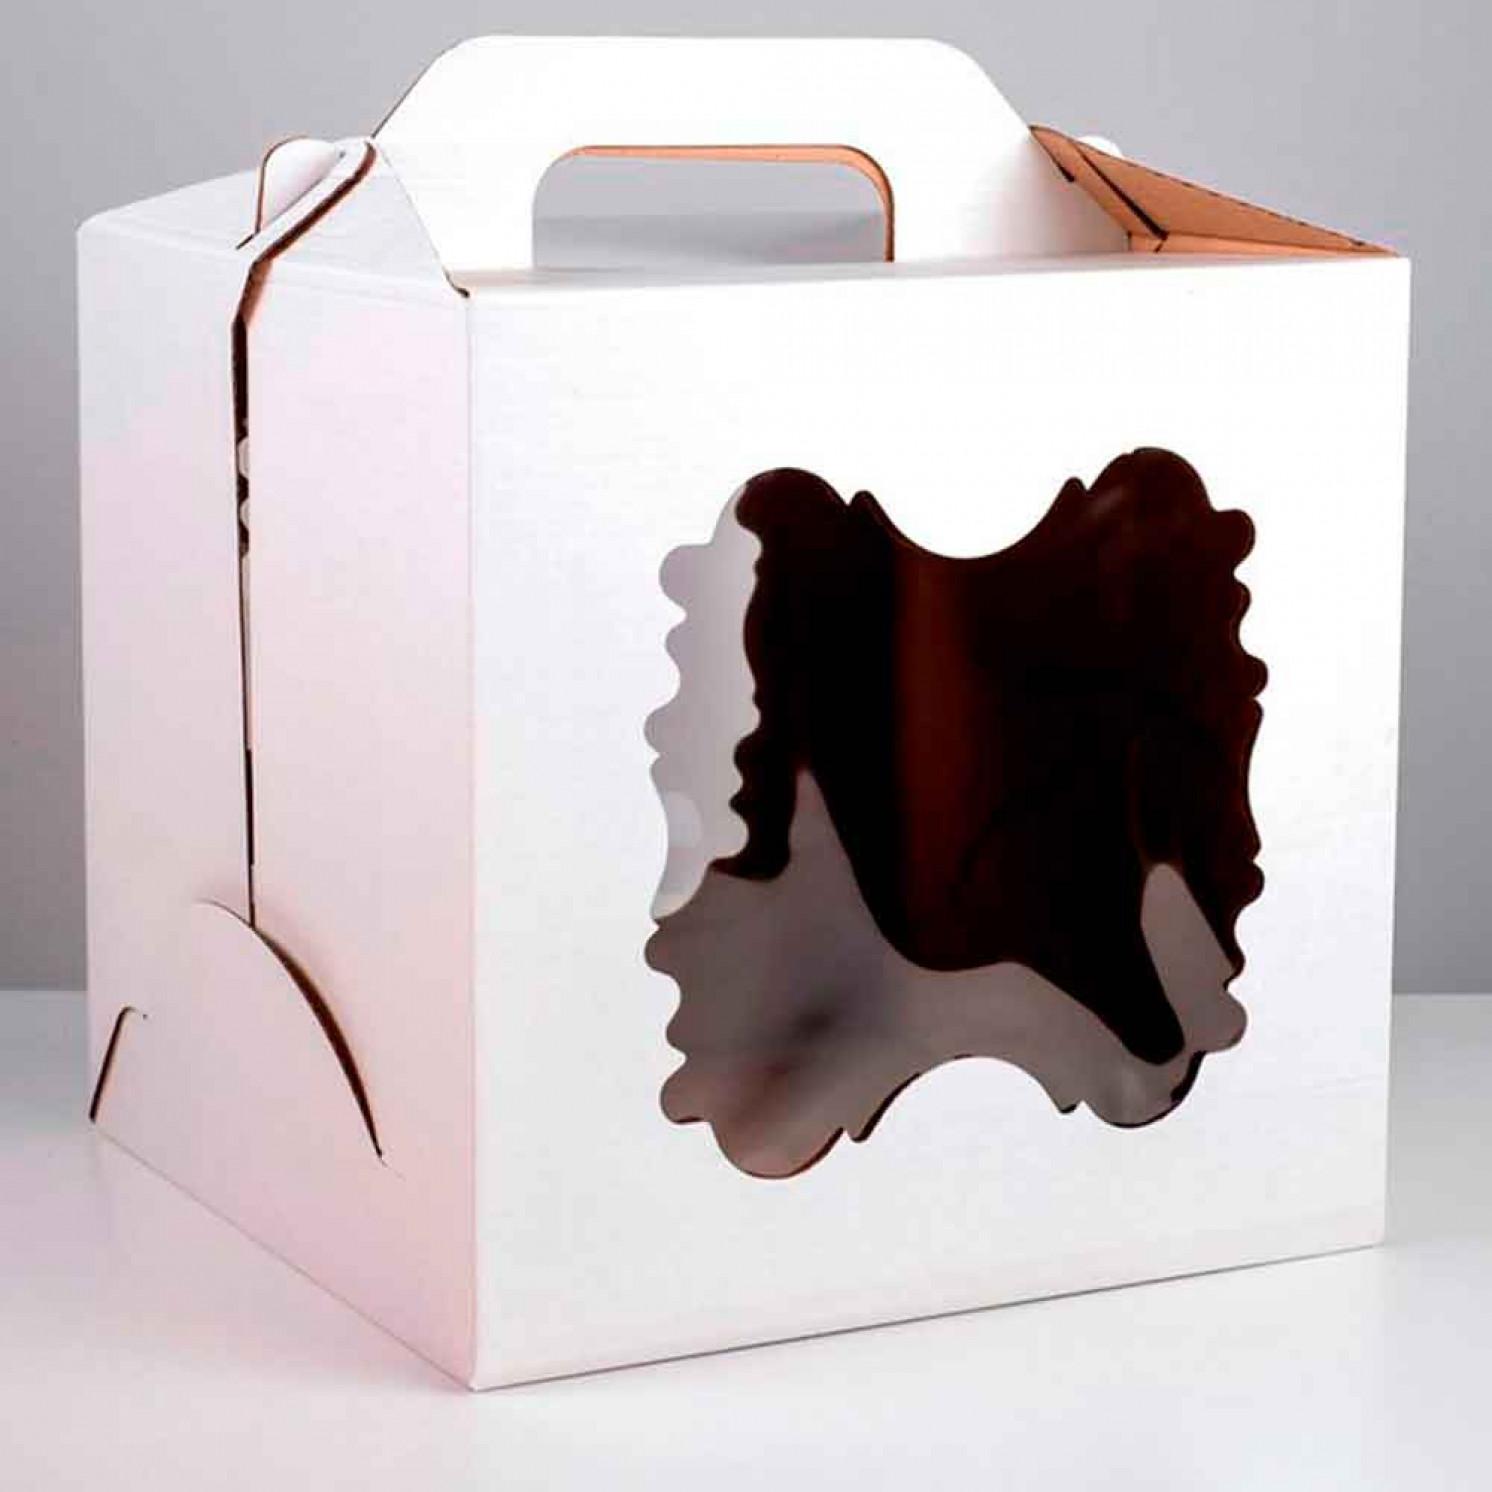 Кондитерская упаковка,2 окна, 30 х 30 х 30 см